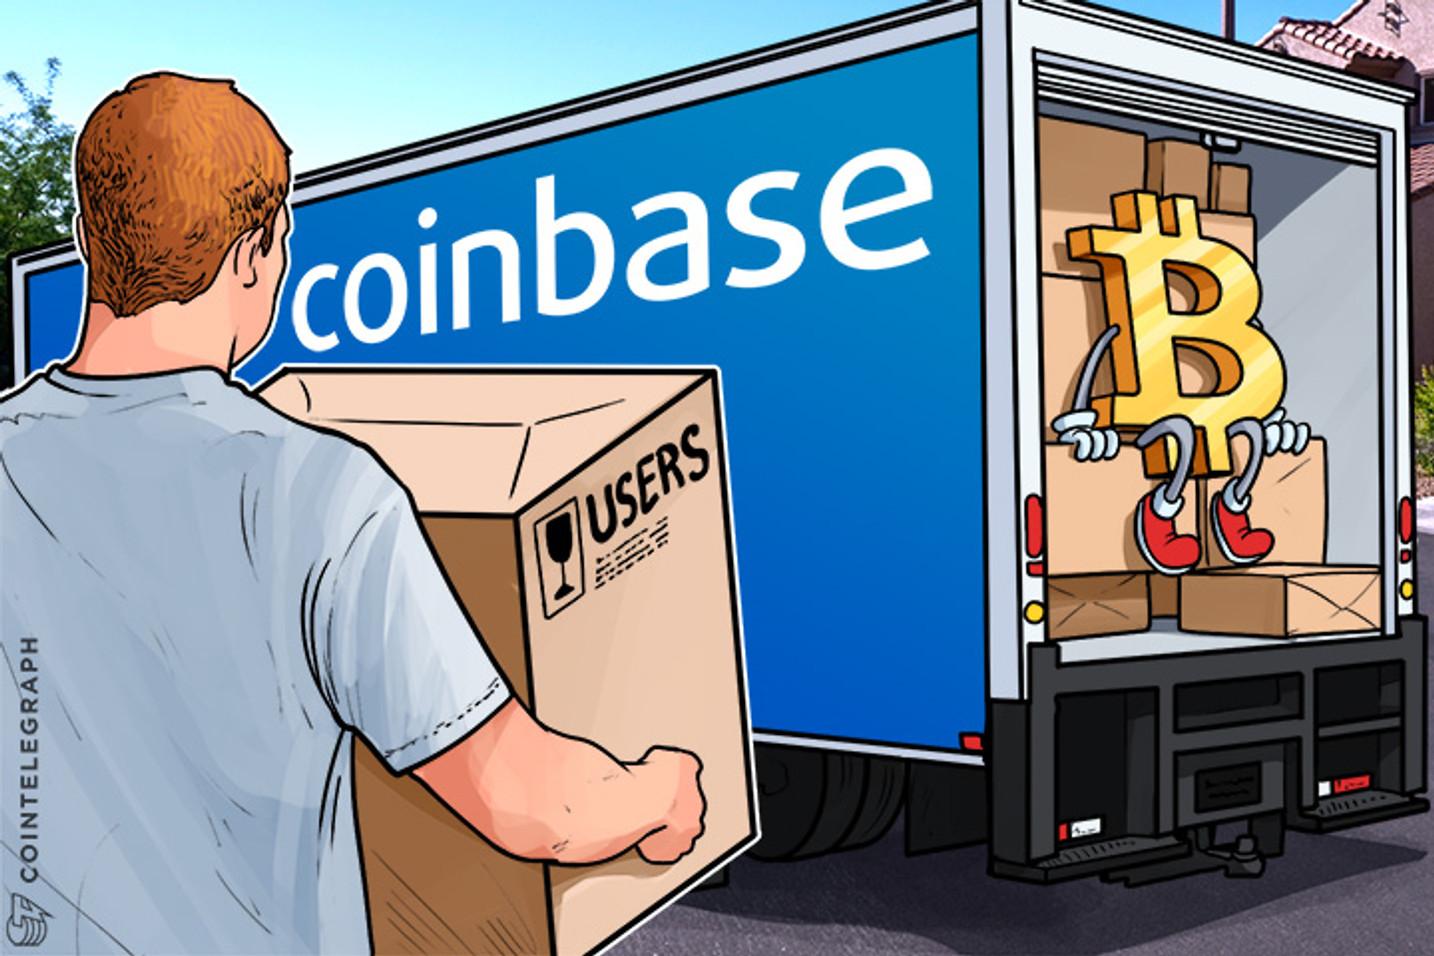 Base de usuários Bitcoin Aumenta, Coinbase Adiciona 1 Milhão de Usuários em 1 Mês  Bitcoin User Base Surges, Coinbase Adds 1 Mln Users in 1 Month